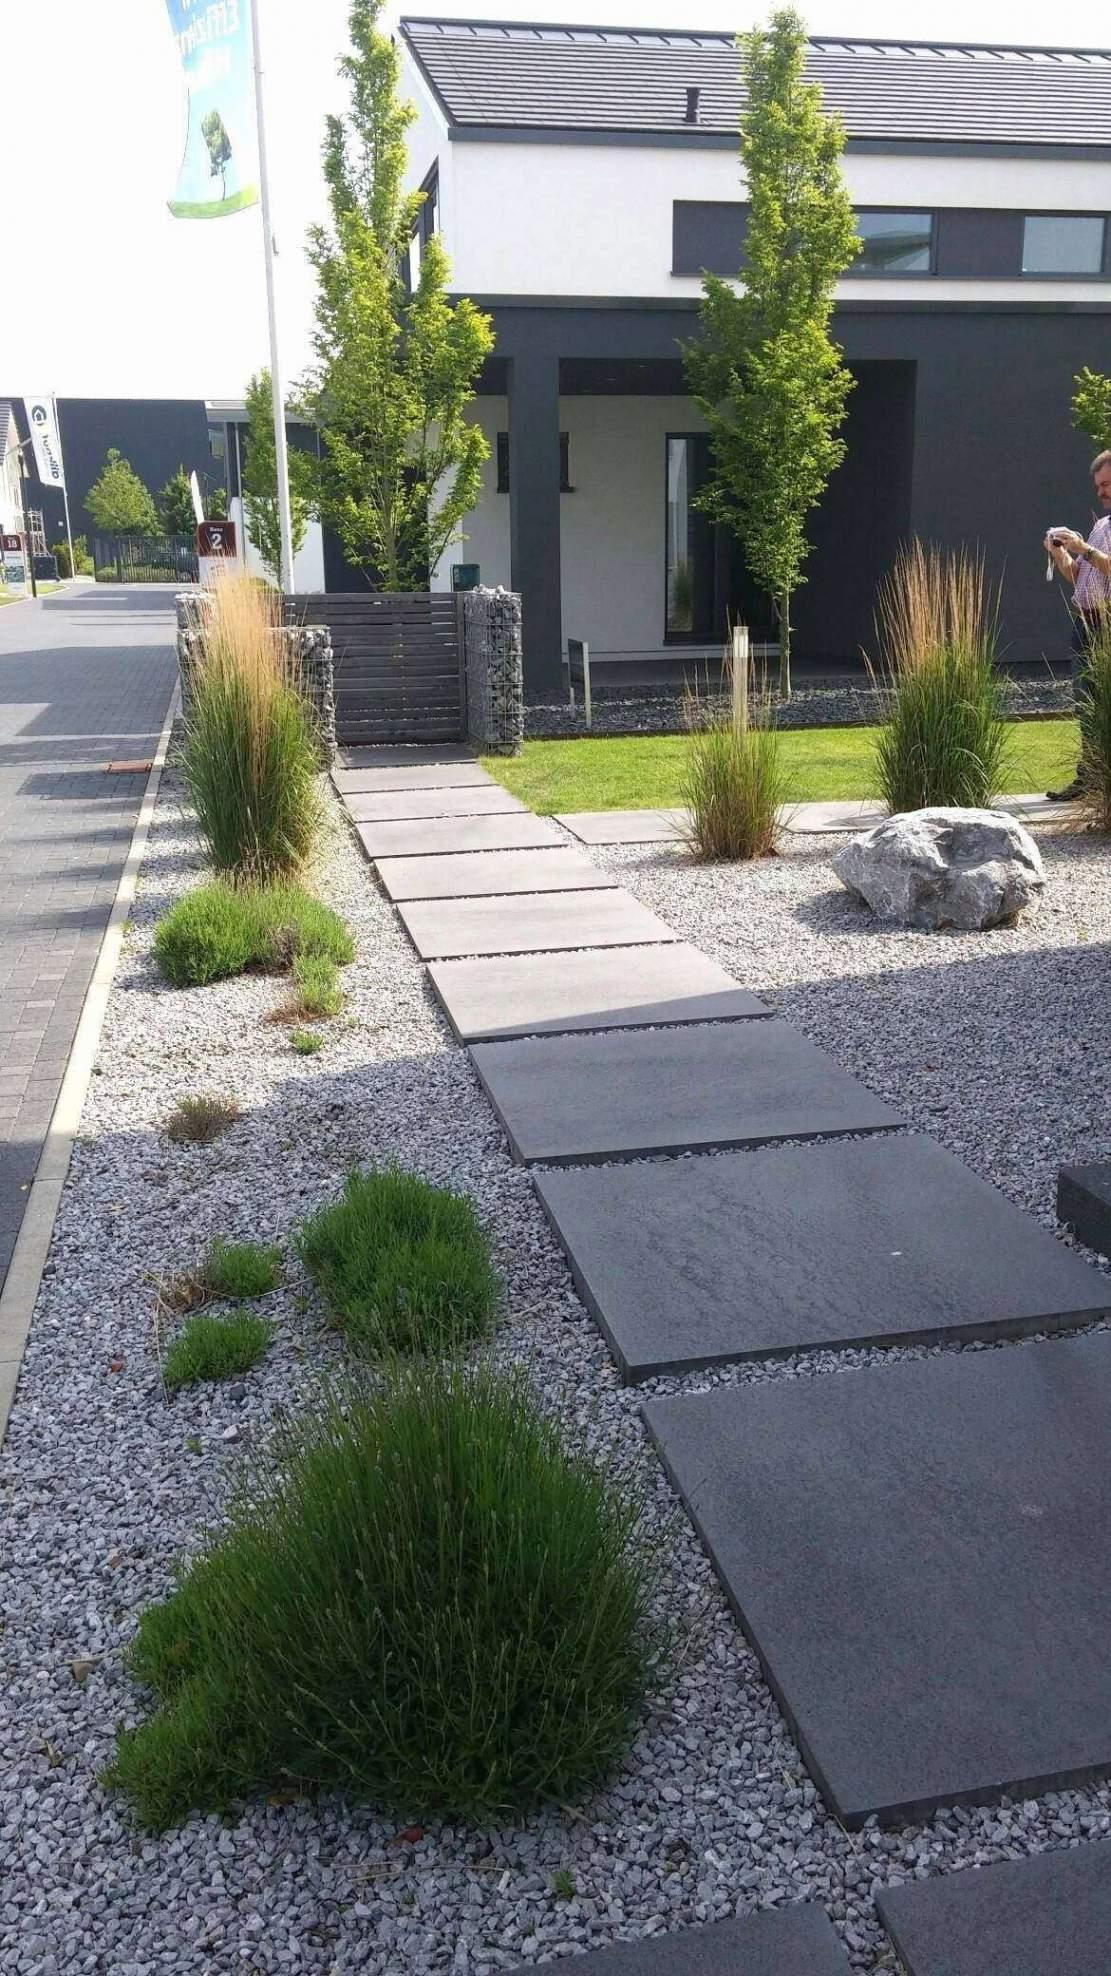 Feuerstelle Garten Erlaubt Neu Feuerstellen Im Garten Temobardz Home Blog Garten Anlegen